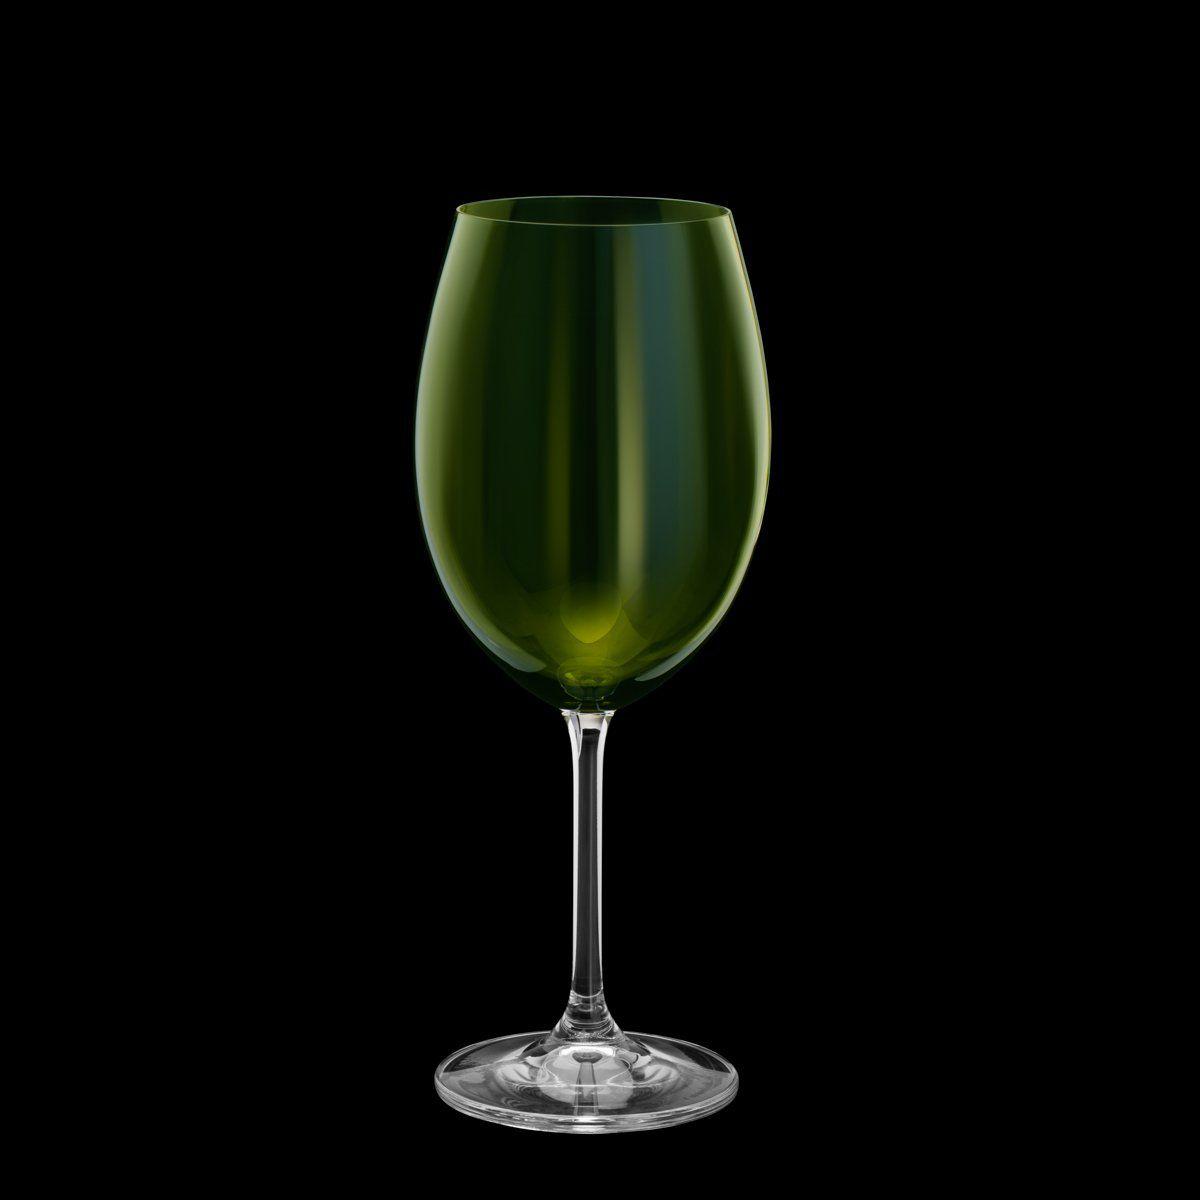 Jogo 6 taças 580ml para água de cristal ecológico verde Gastro/Colibri Bohemia - 35042